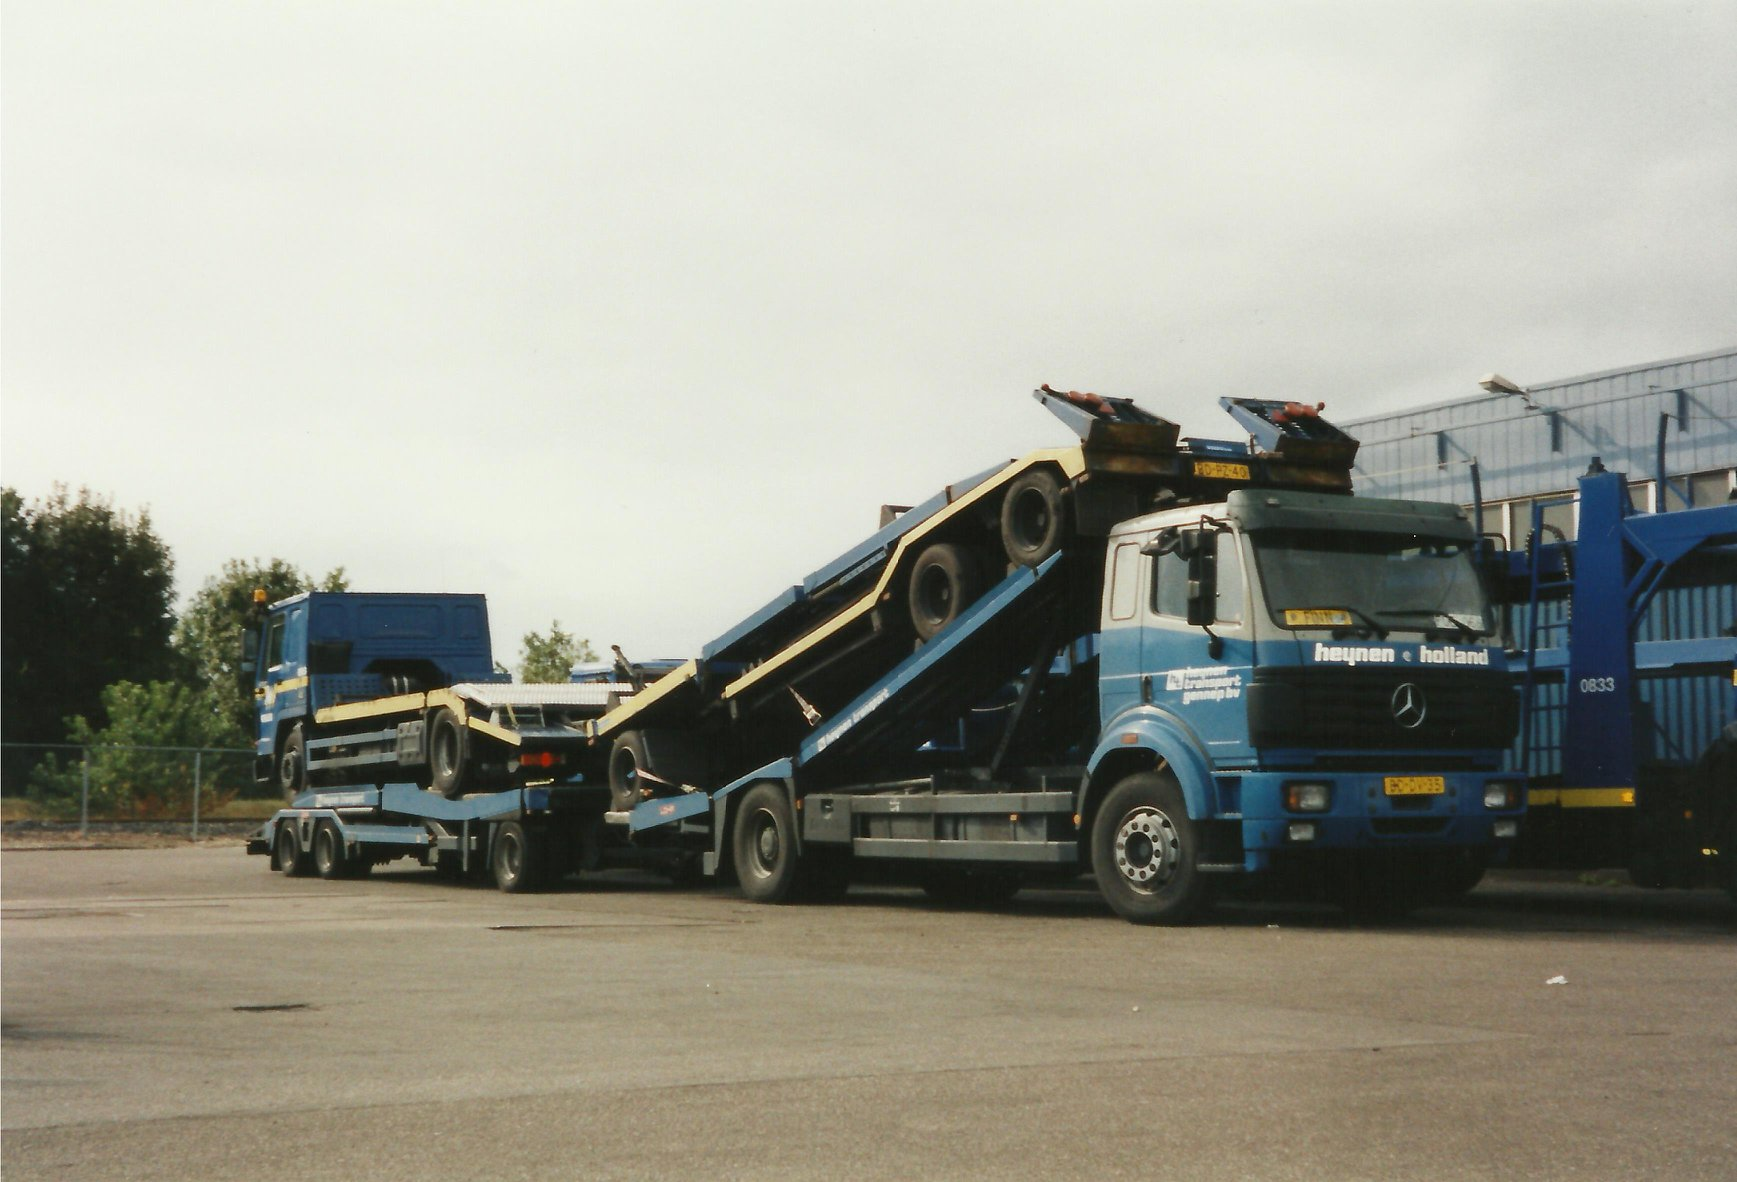 Ger-van-Glimmeren--In-Oosterhout-bij-Walon-zelf-opgeladen-om-samen-naar-de-Mercedes-in-Dld-te-gaan-na-het-weekend